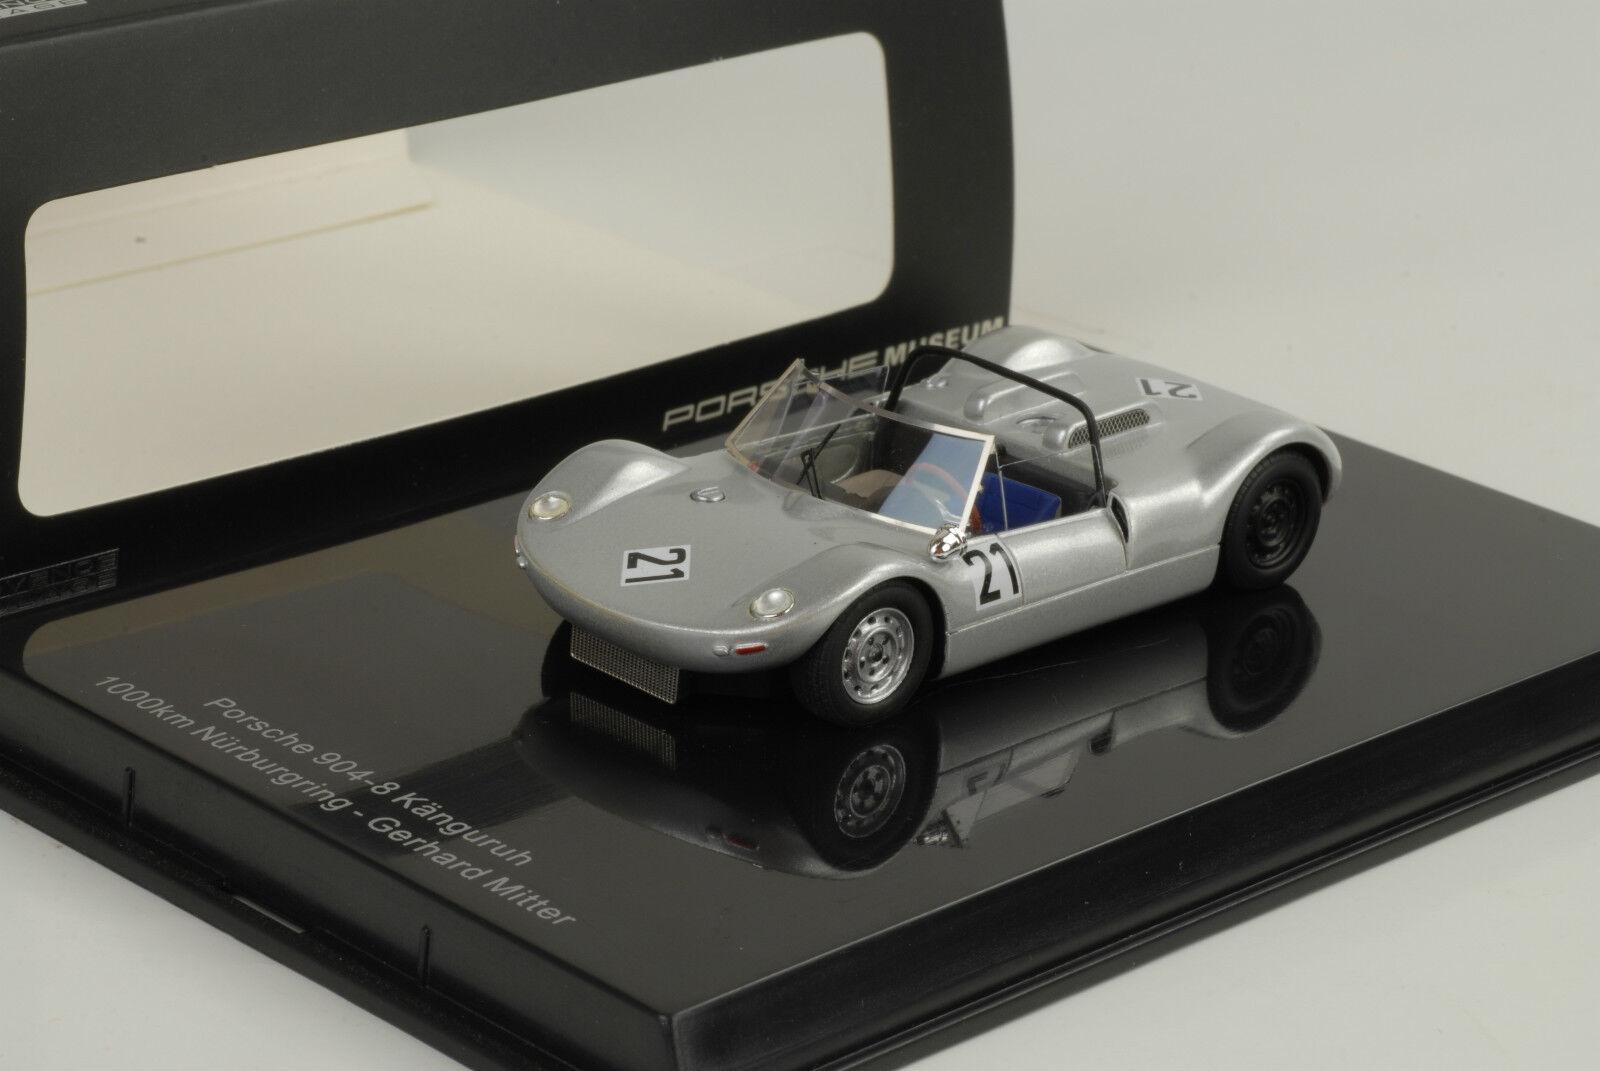 1965 Porsche 904-8 camaleón 1000 km nurburgring G. mediados 1 43 norev museo